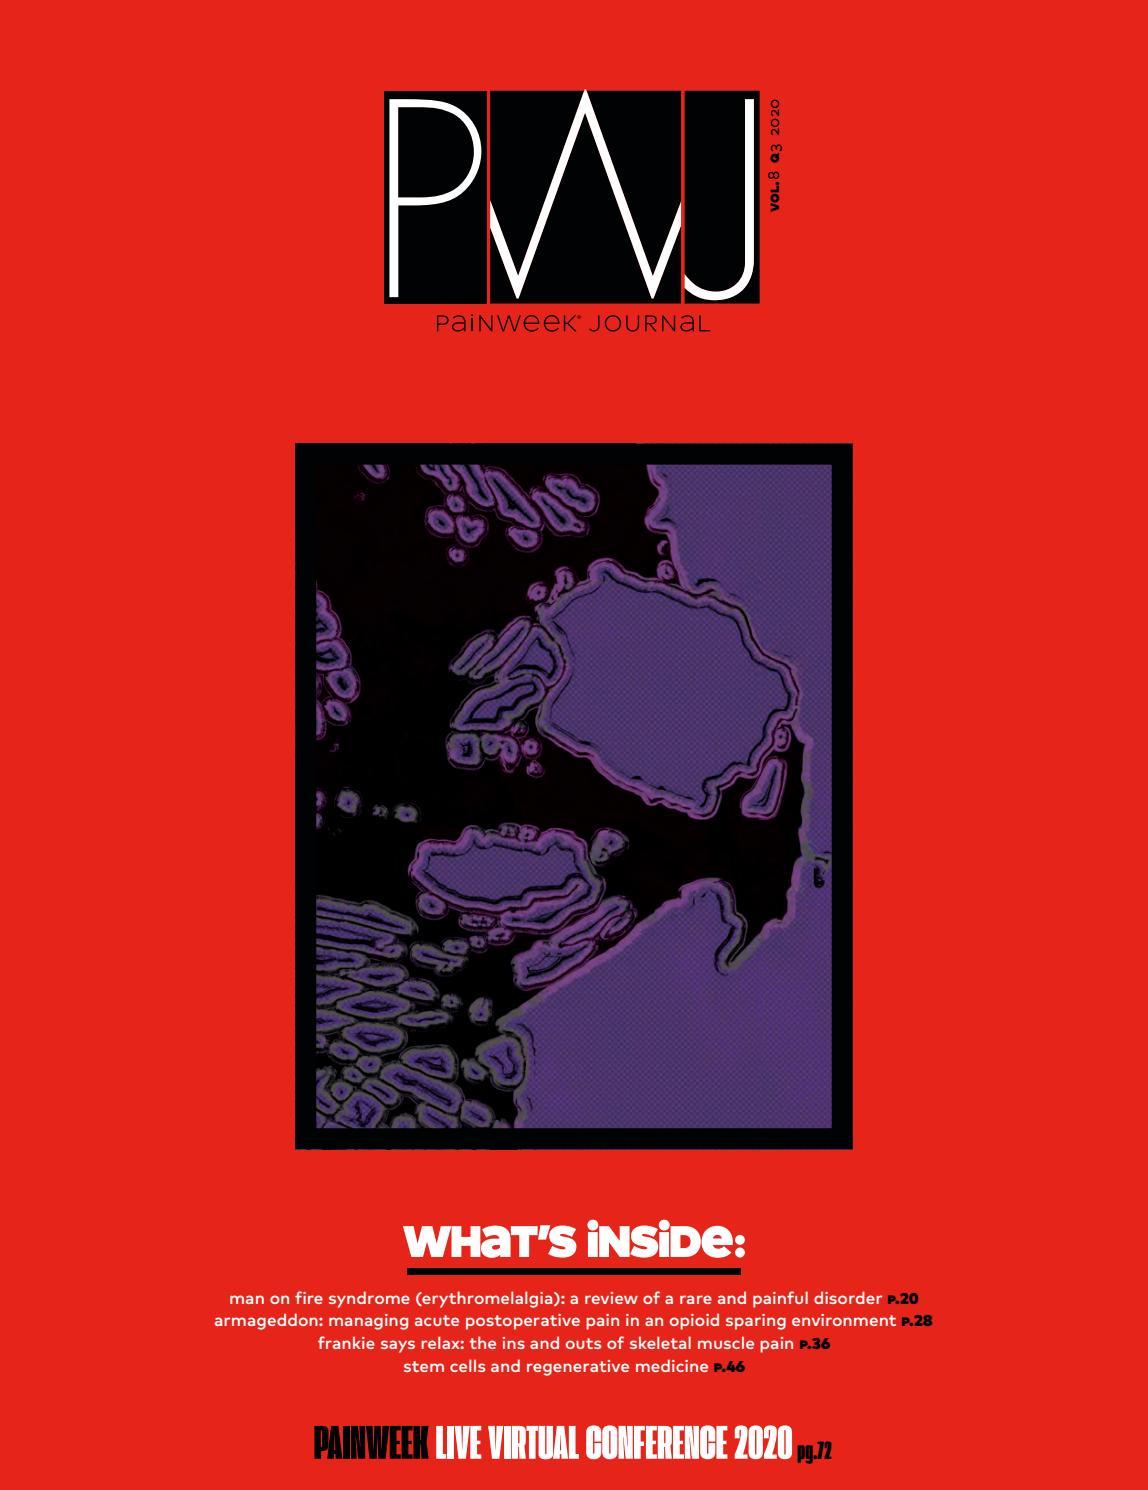 Pwj Painweek Journal Vol 8 Q3 2020 By Painweek Issuu